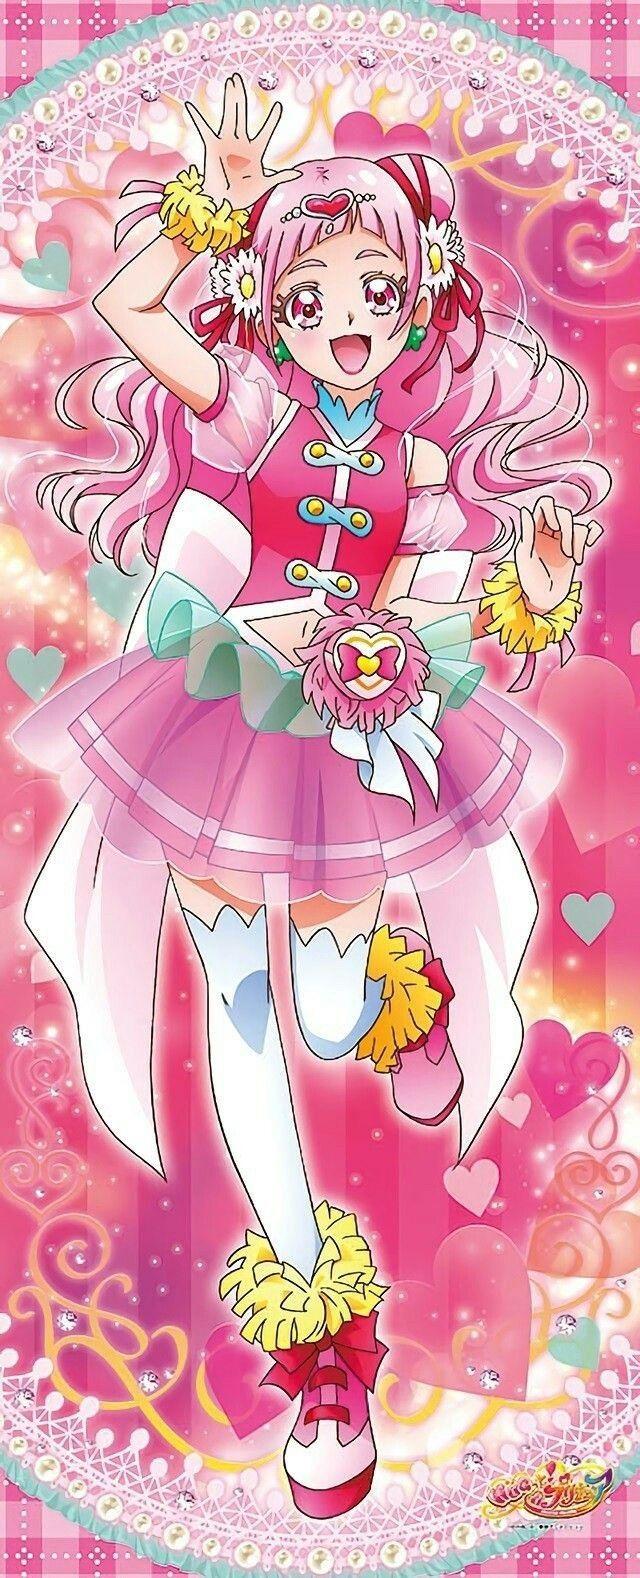 プリキュア おしゃれまとめの人気アイデア pinterest uchida seiyaku 可愛いアニメガール プリキュア イラスト 東映アニメーション